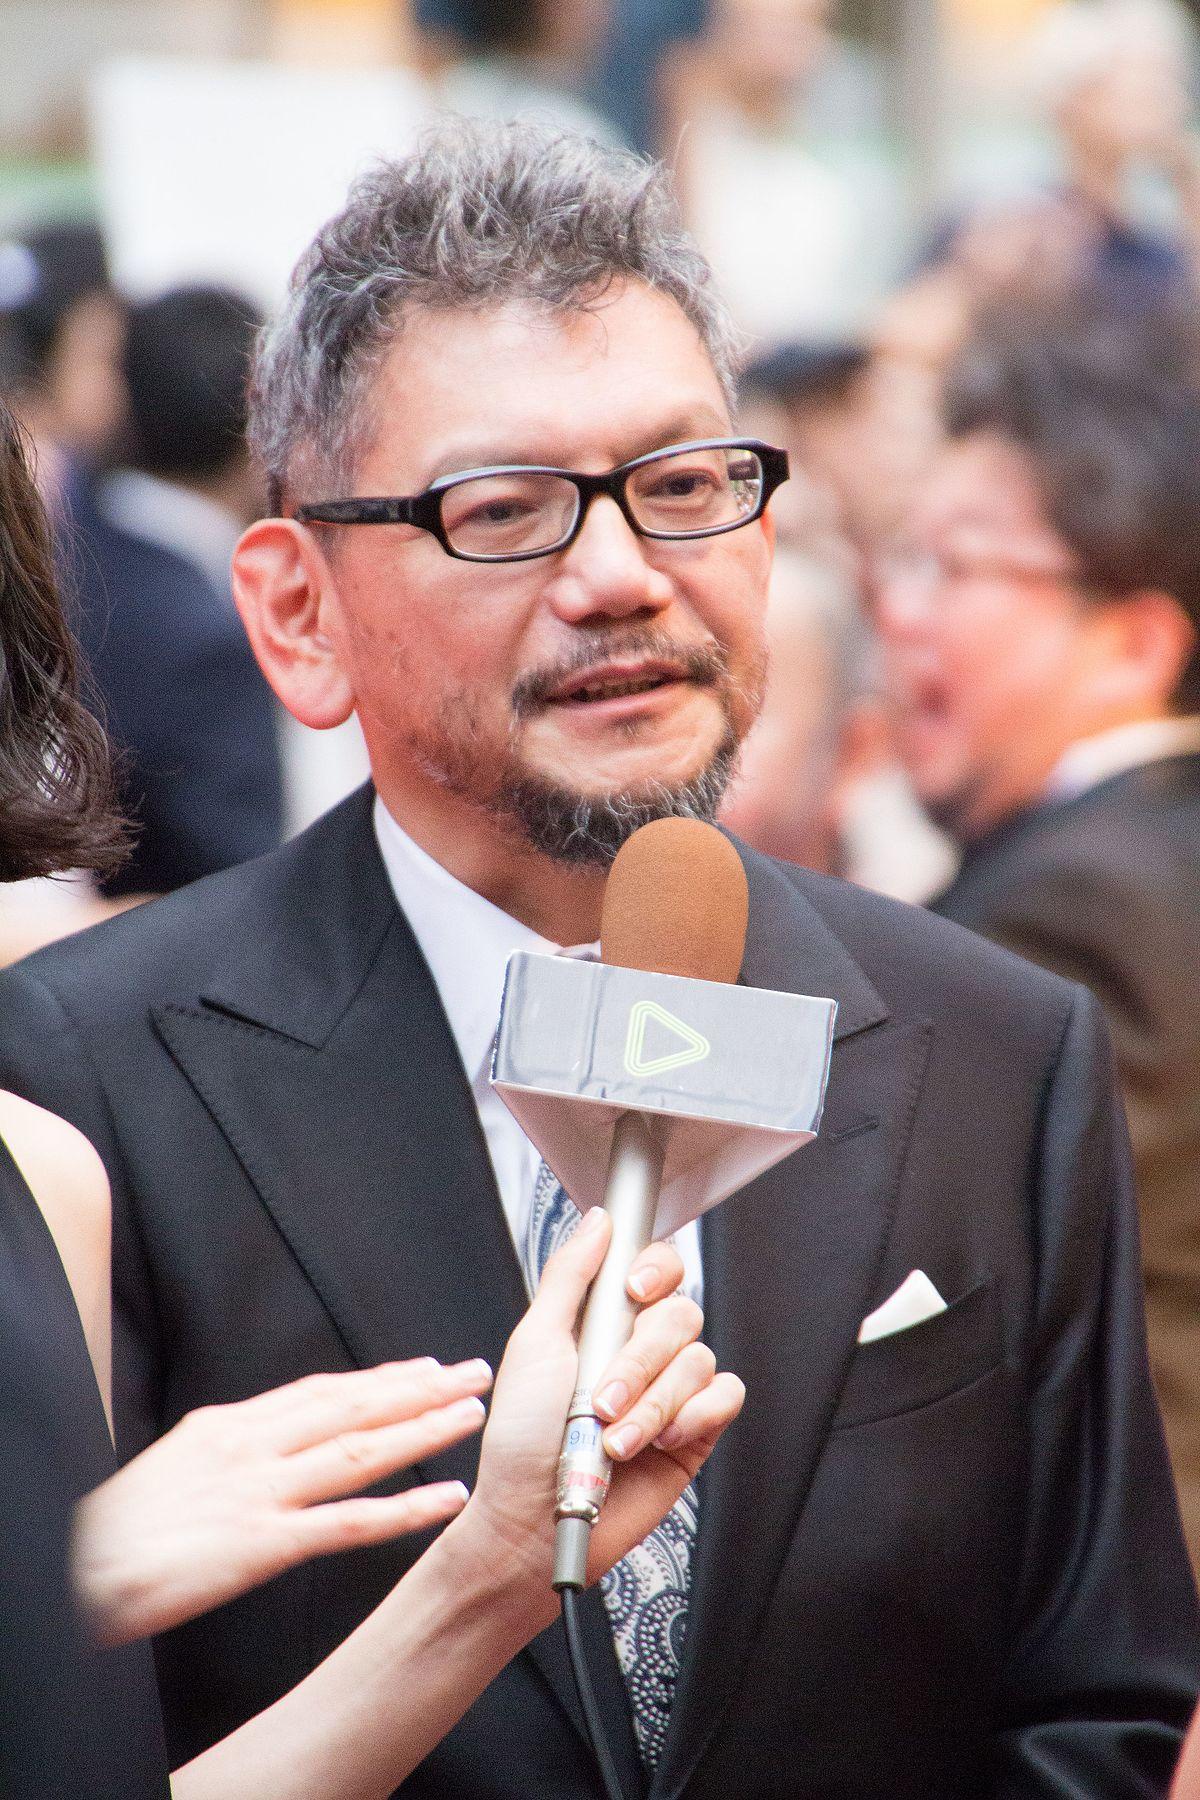 庵野秀明 - 維基百科,自由的百科全書